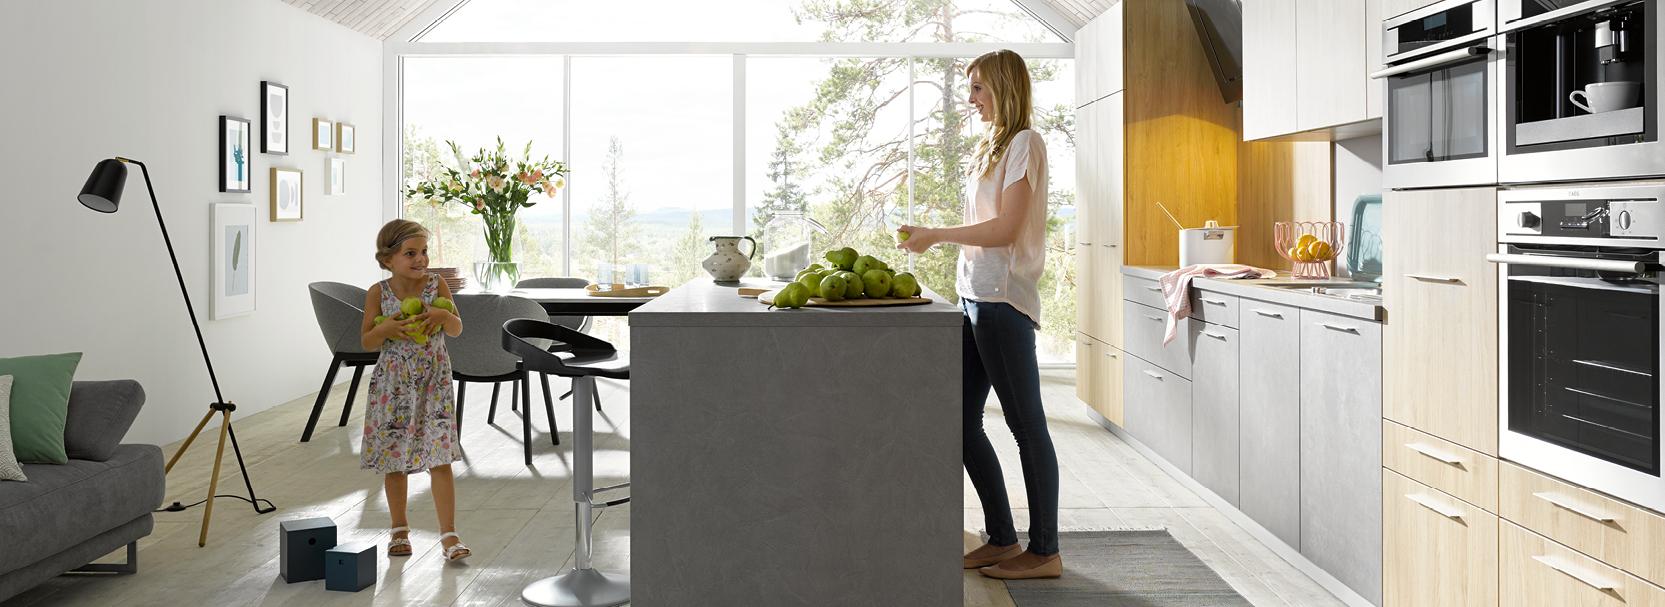 Küche, Beton